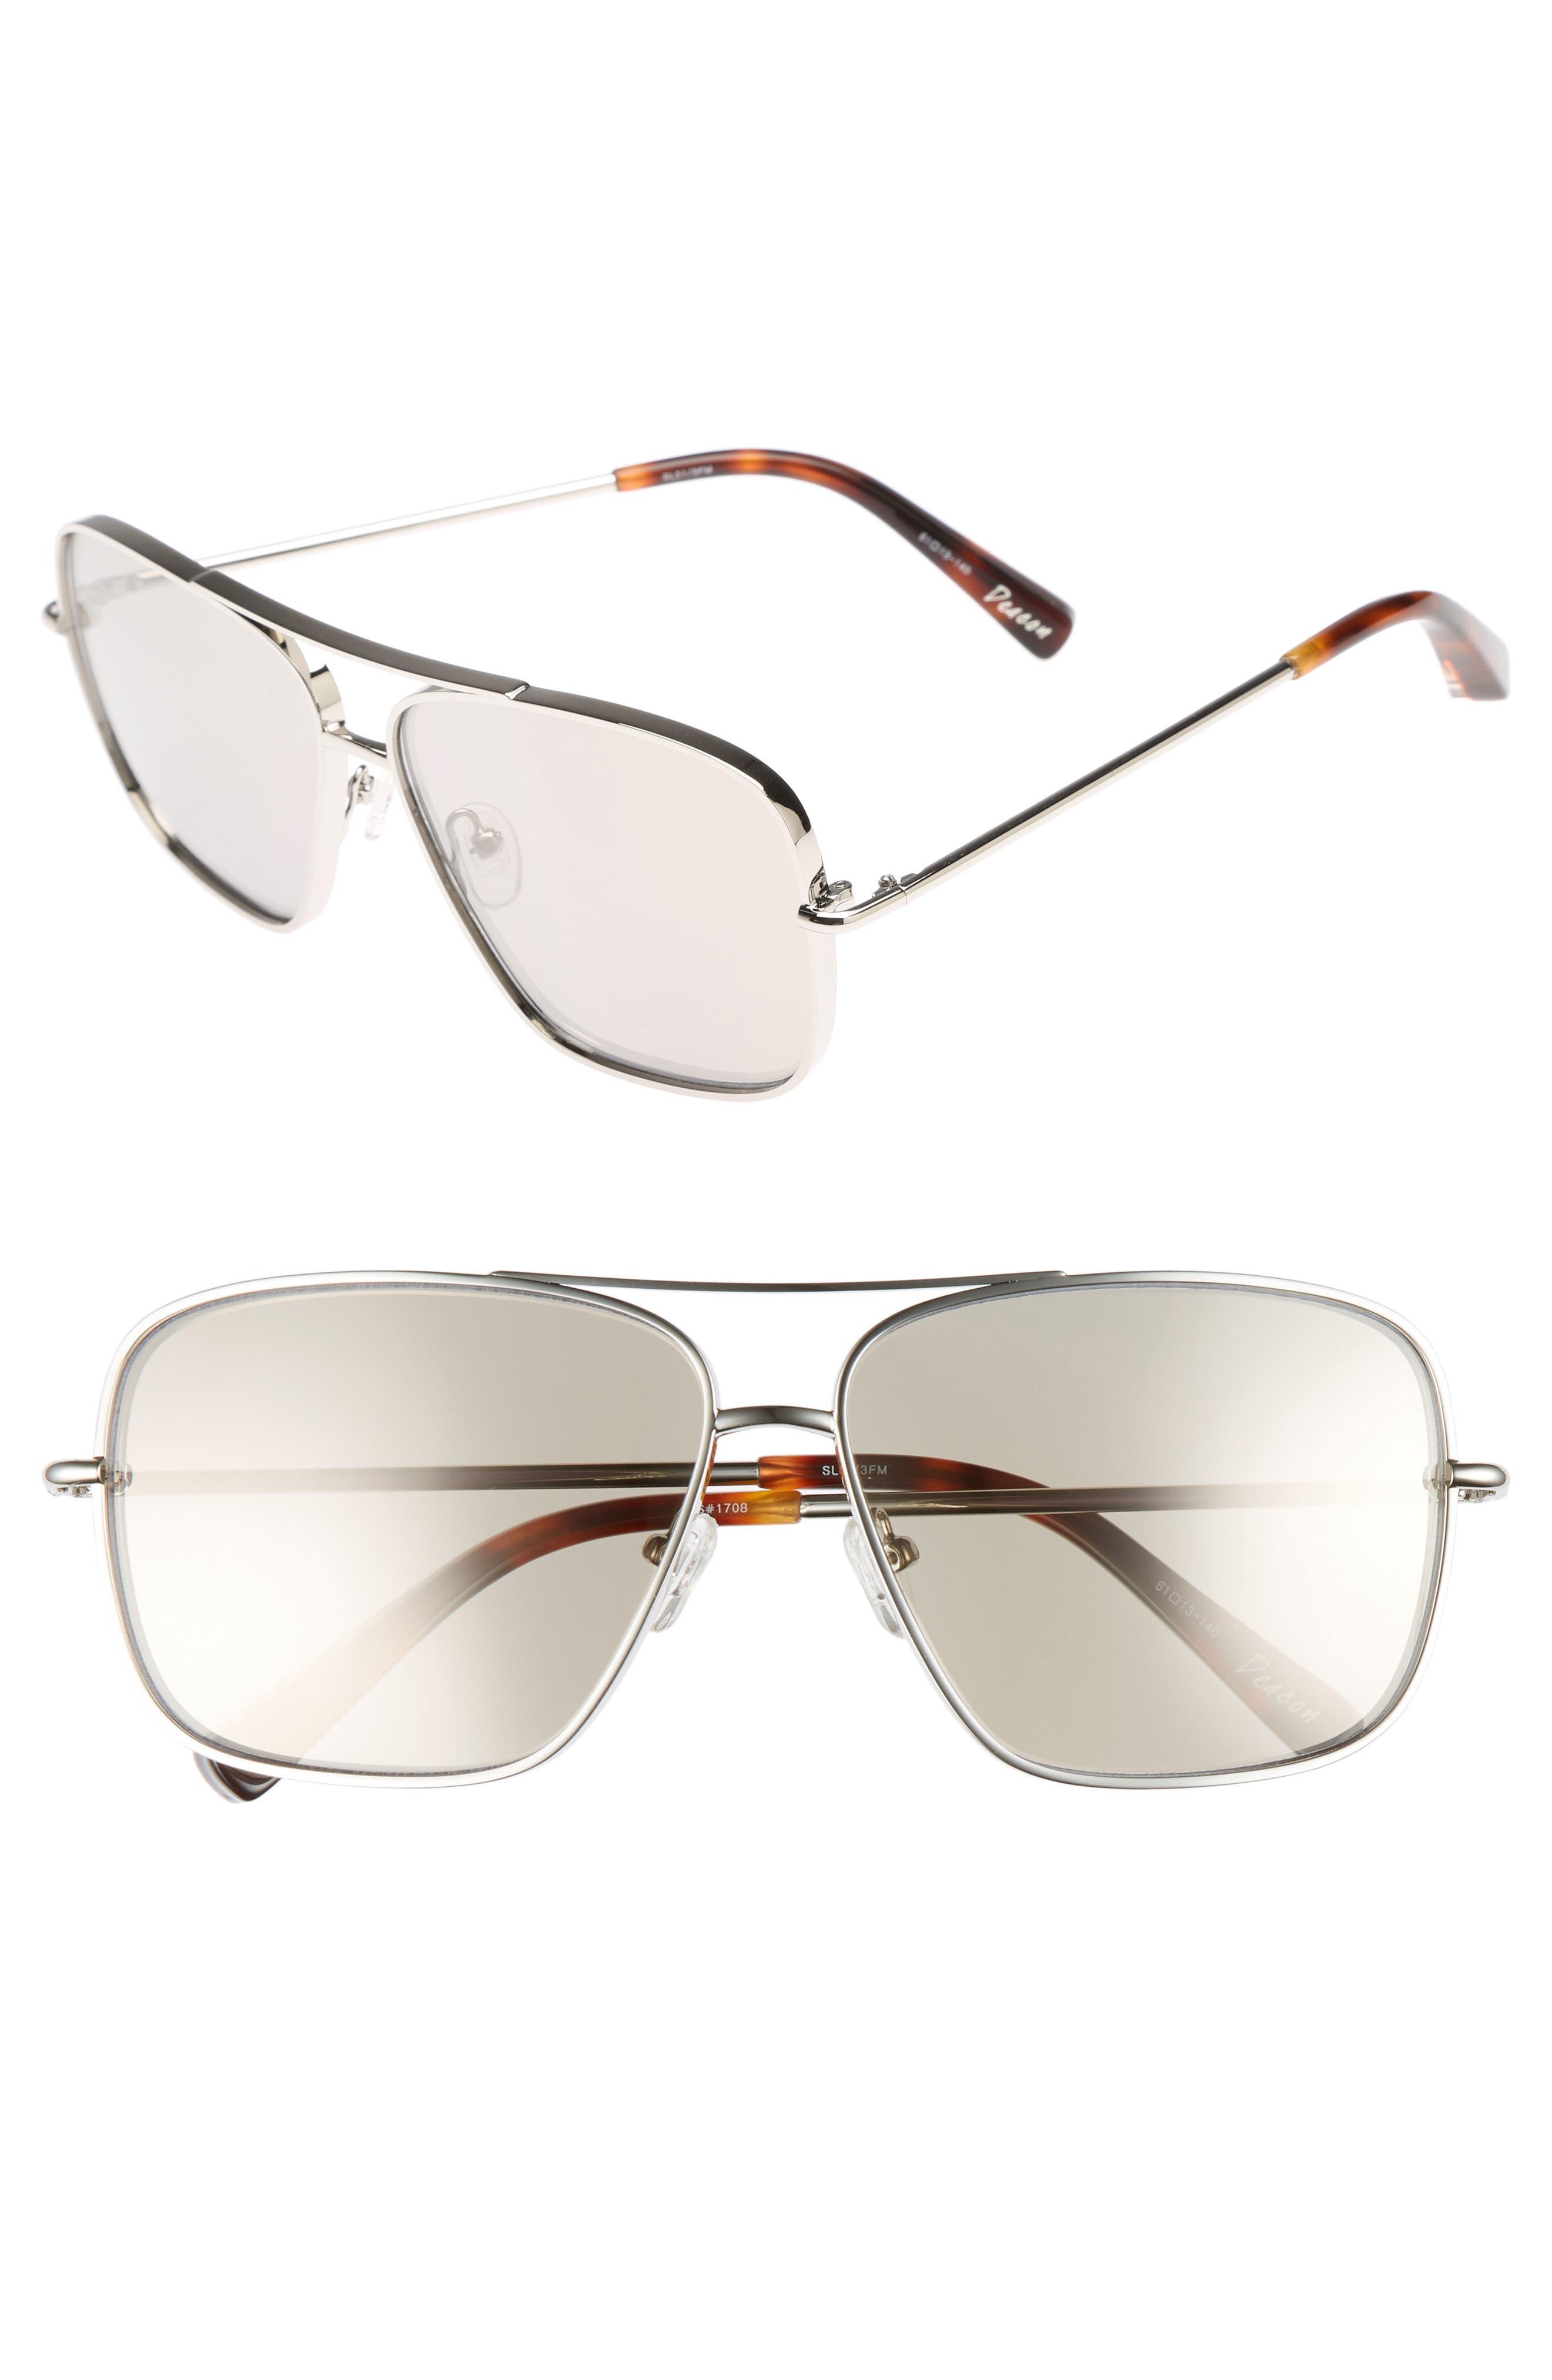 Deacon 61mm Aviator Sunglasses,                         Main,                         color, Silver